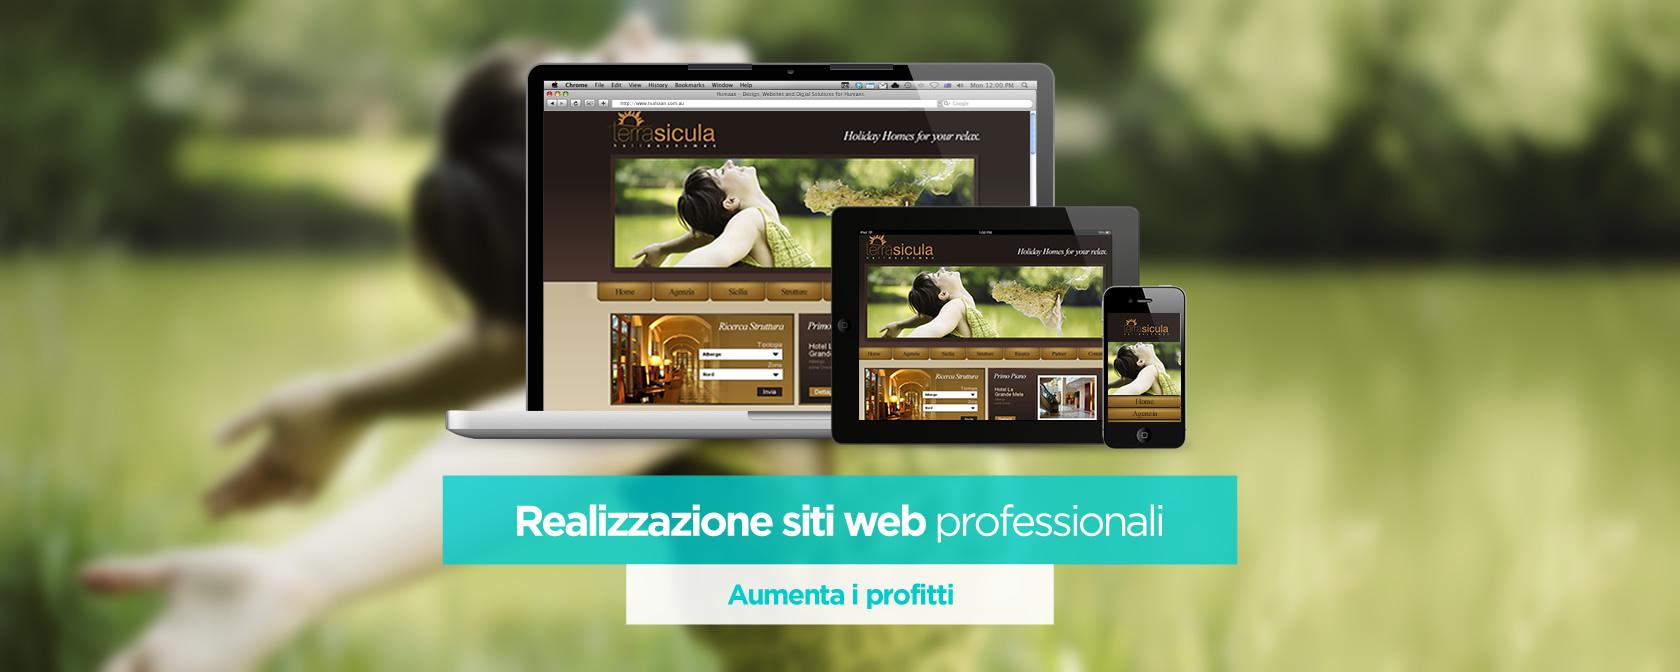 Web design freelance roma bari realizzazione siti web for Siti web di home plan